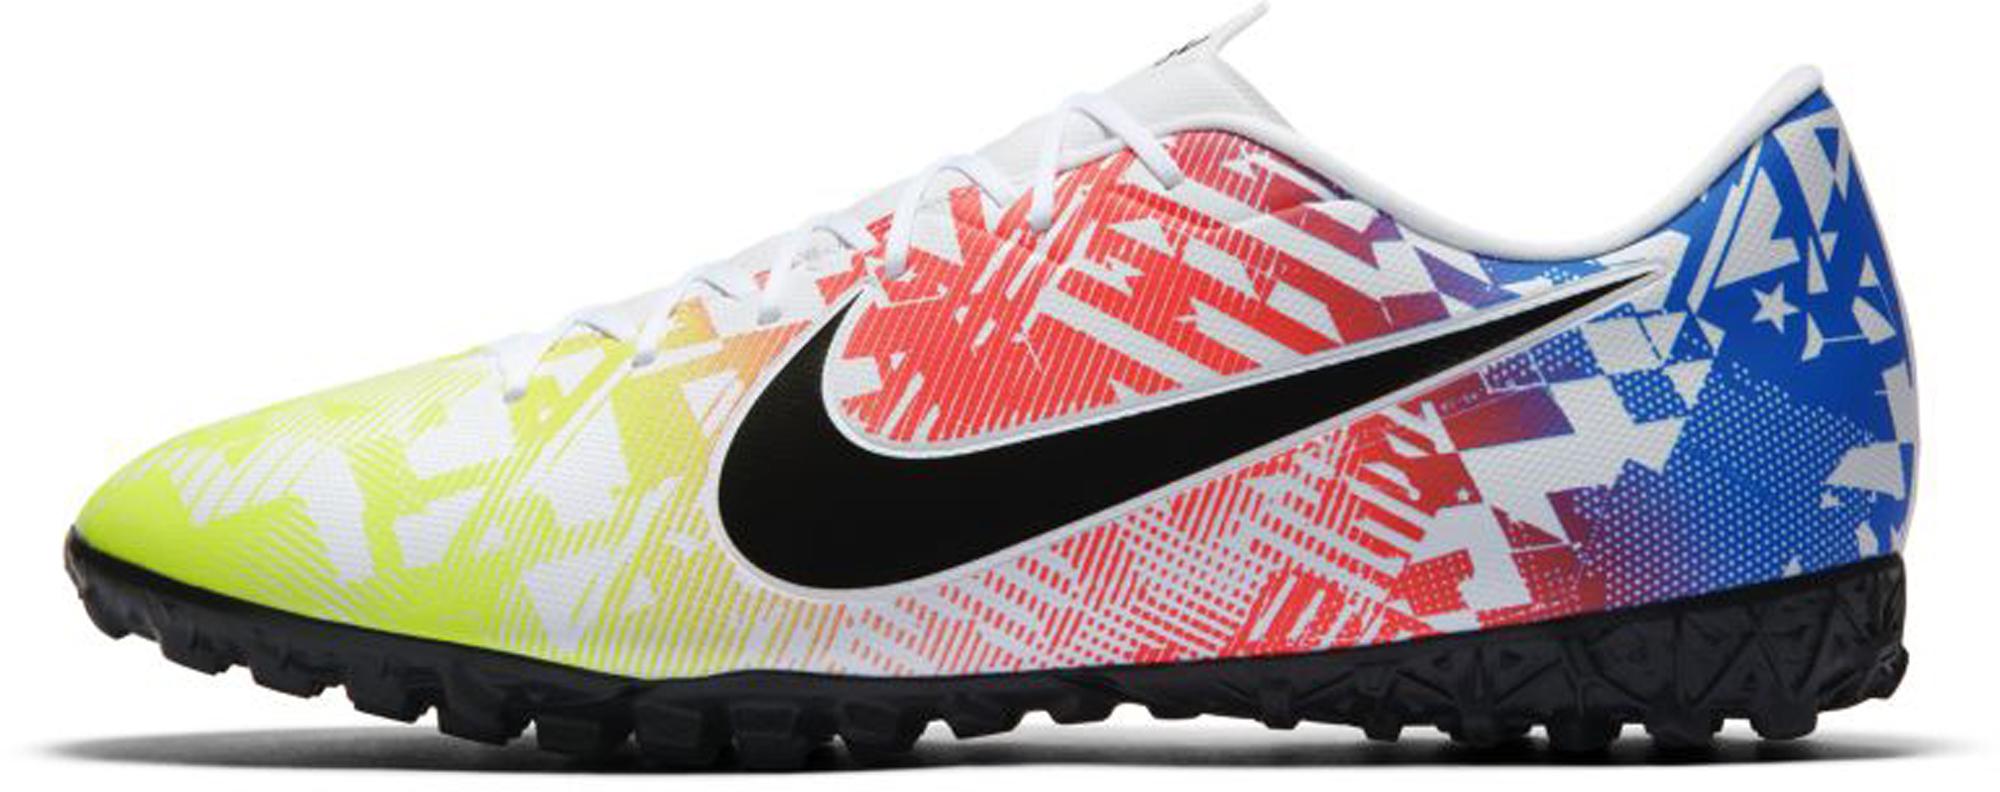 Nike Бутсы мужские Nike Vapor 13 Academy, размер 39.5 nike бутсы мужские nike vapor 13 academy ic размер 41